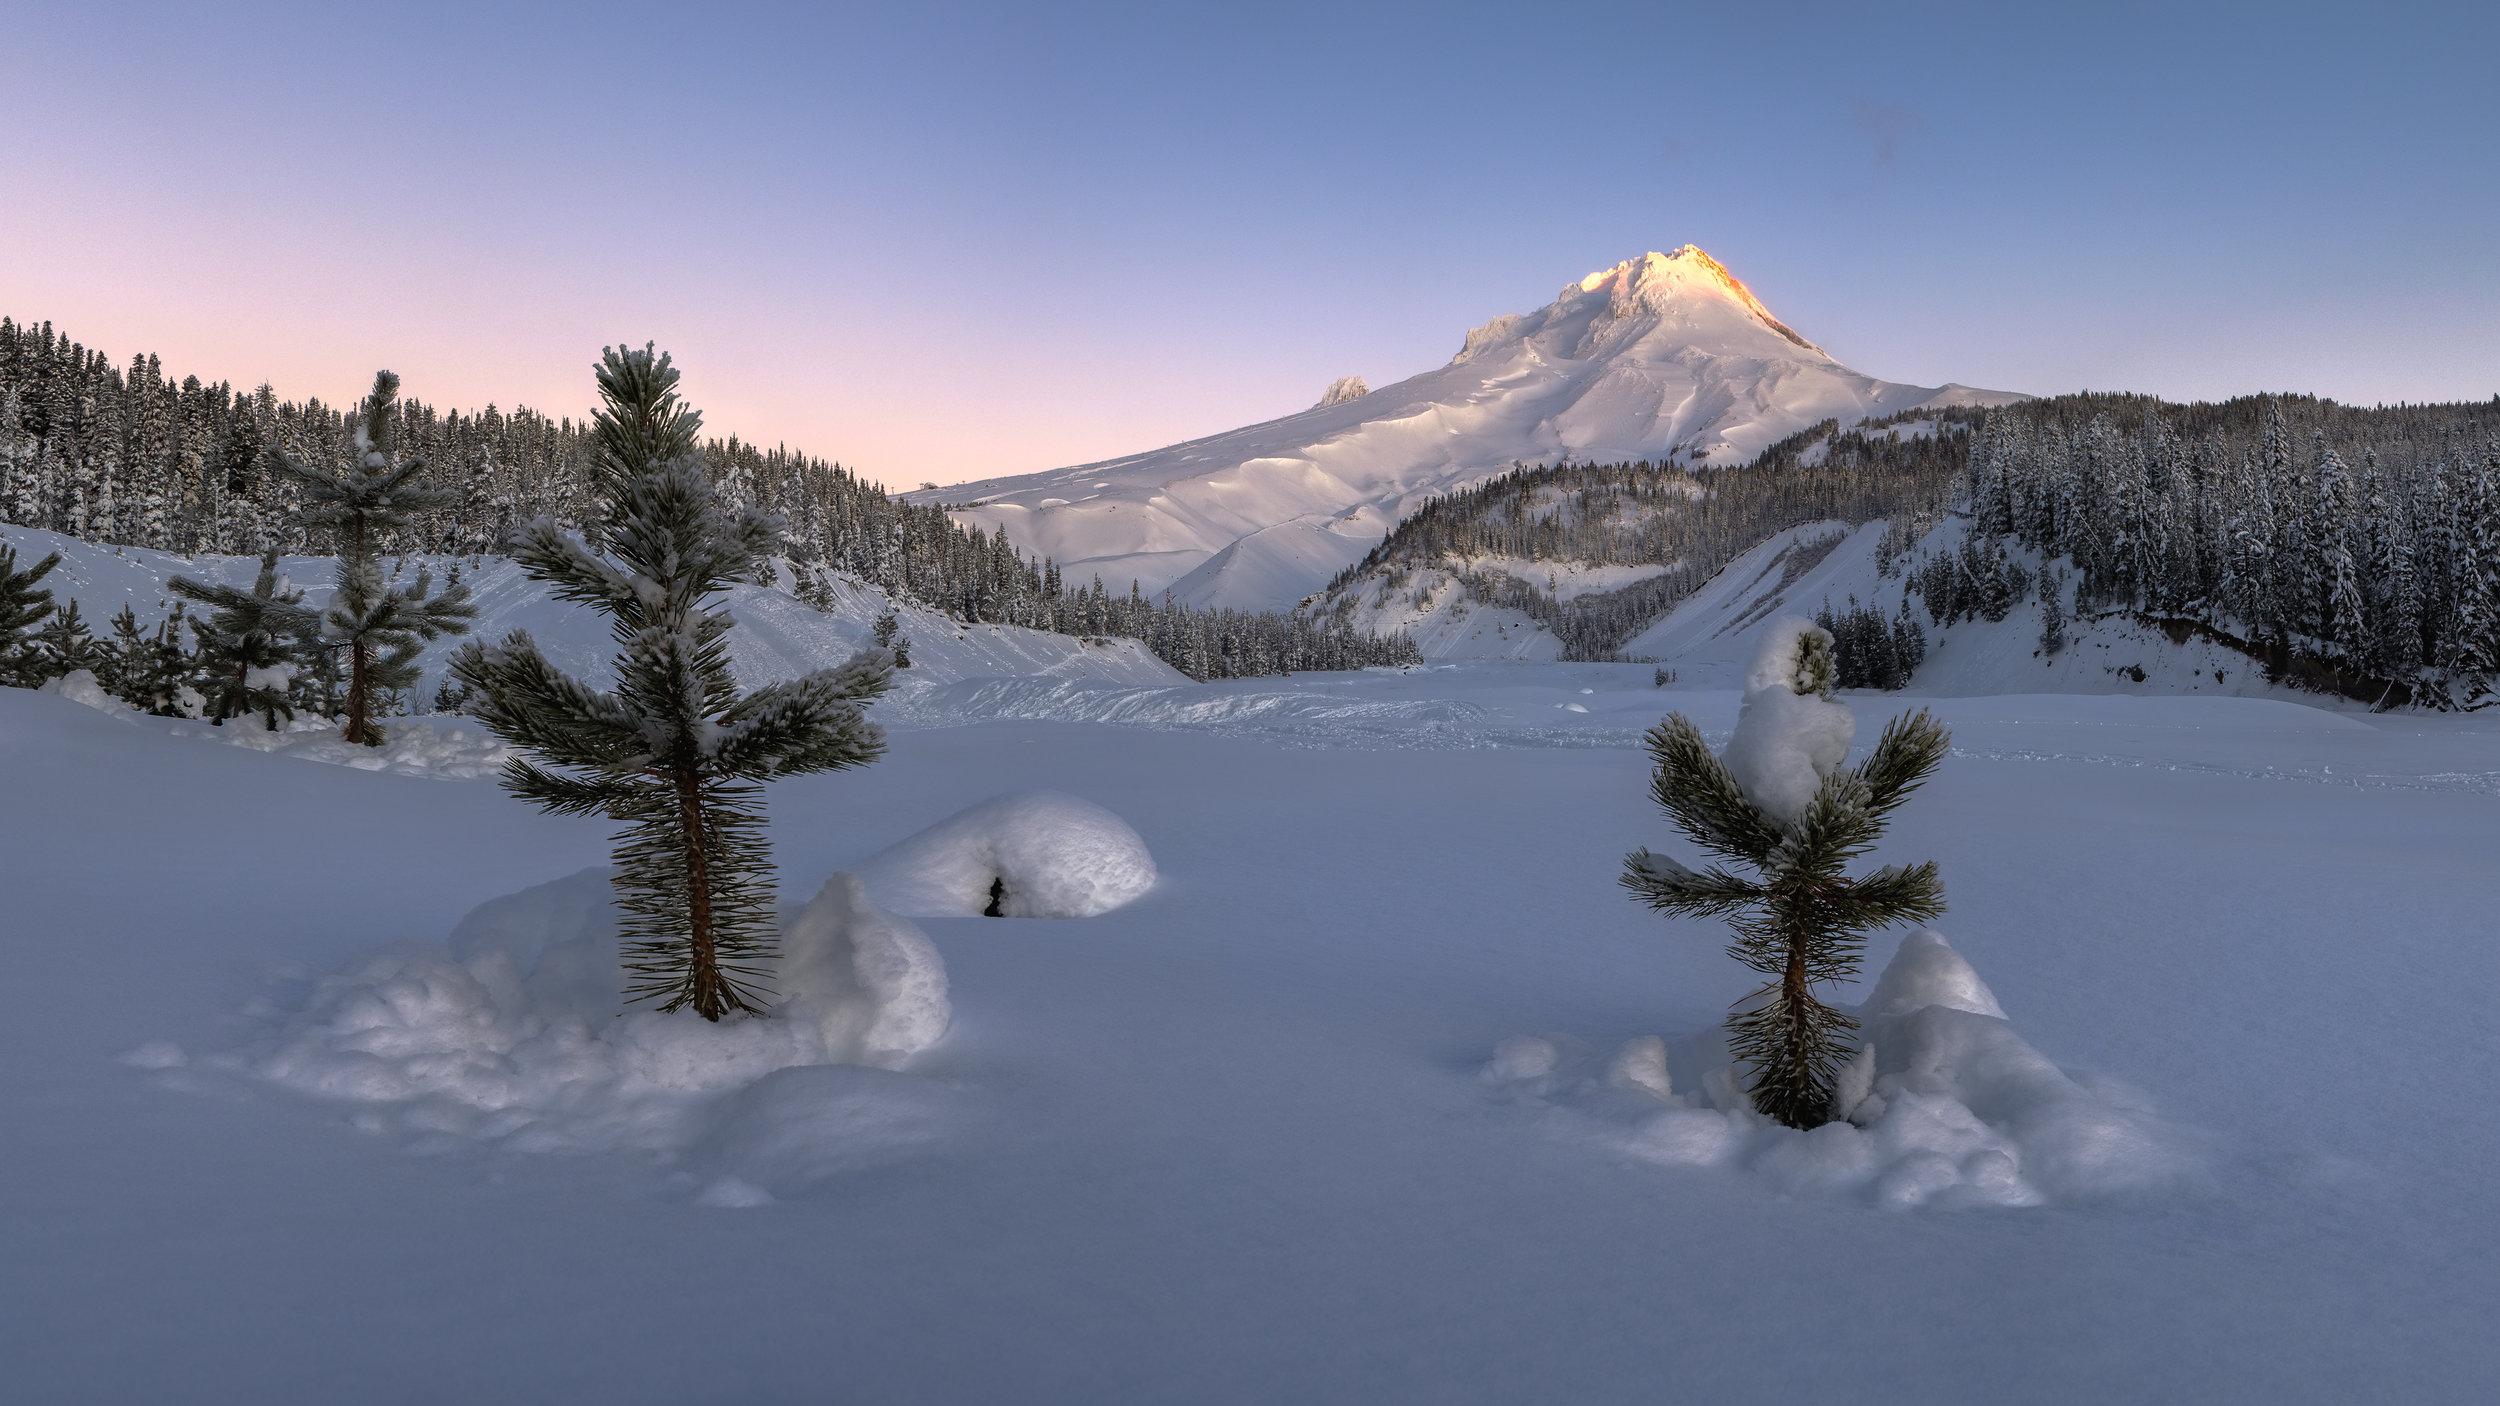 Mt. Hood sunrise trees and snow